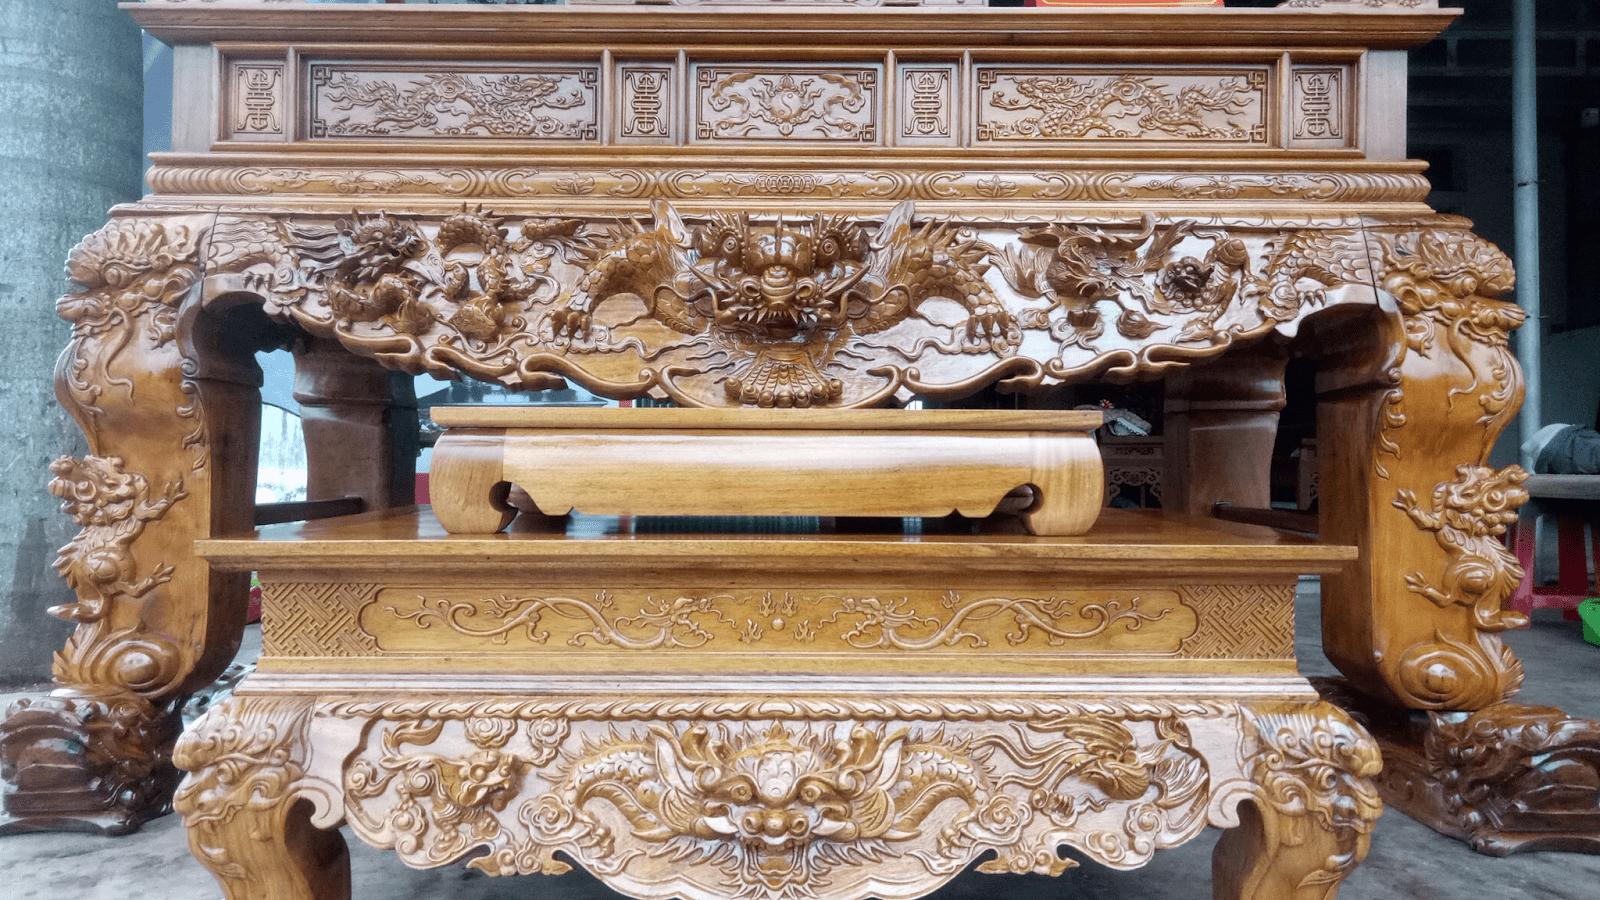 Sập thờ chạm khắc Tứ Linh đại diện cho sự uy nghi